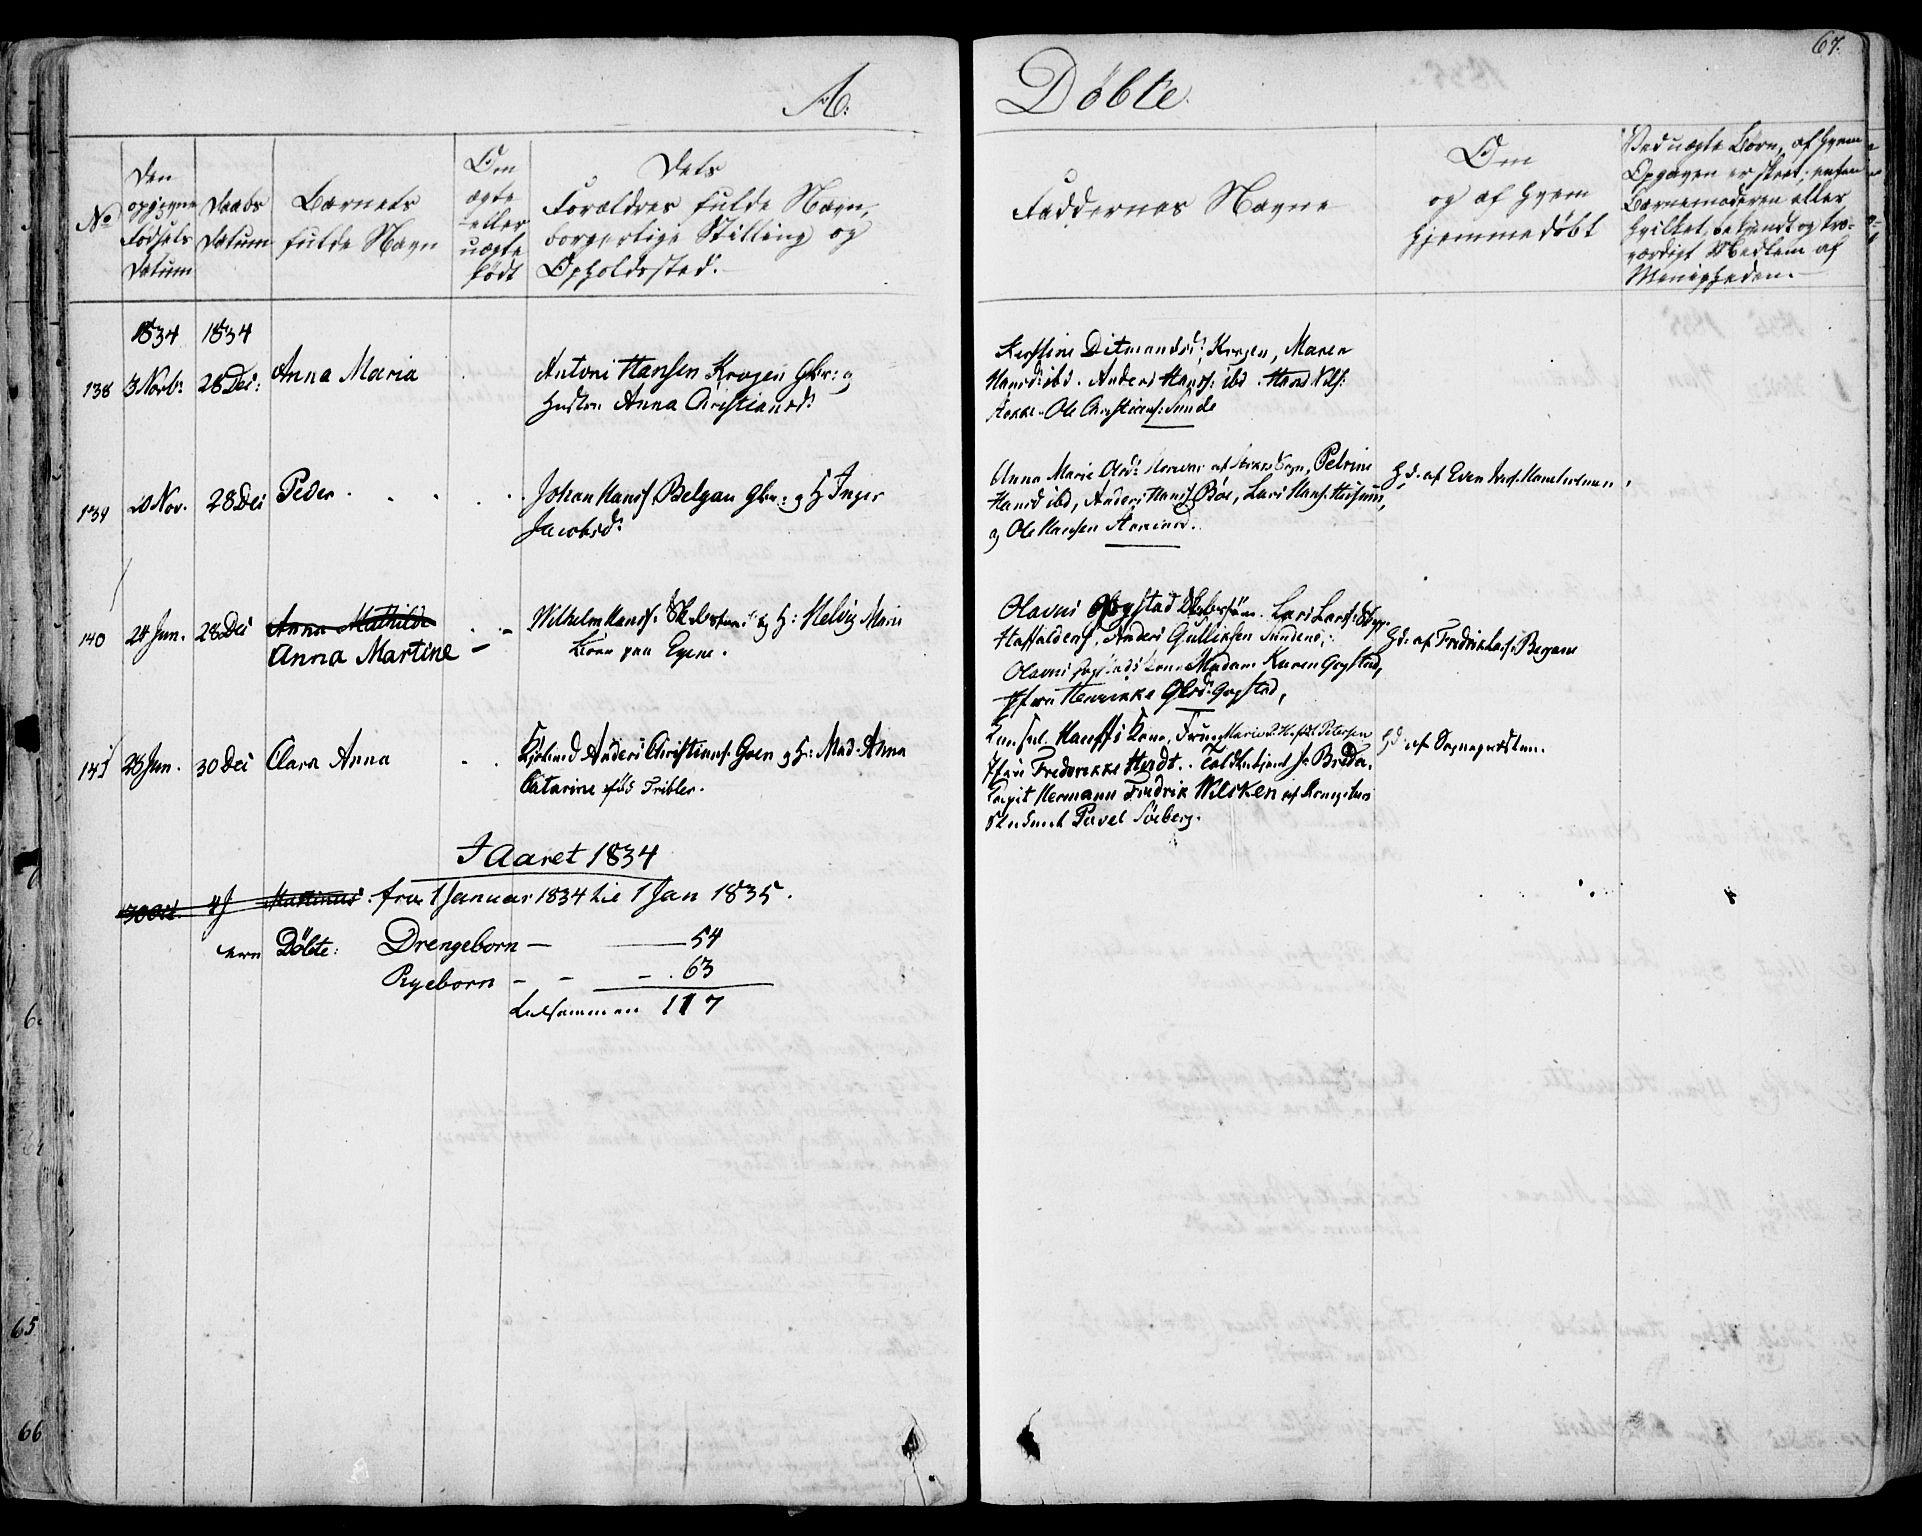 SAKO, Sandar kirkebøker, F/Fa/L0005: Ministerialbok nr. 5, 1832-1847, s. 66-67